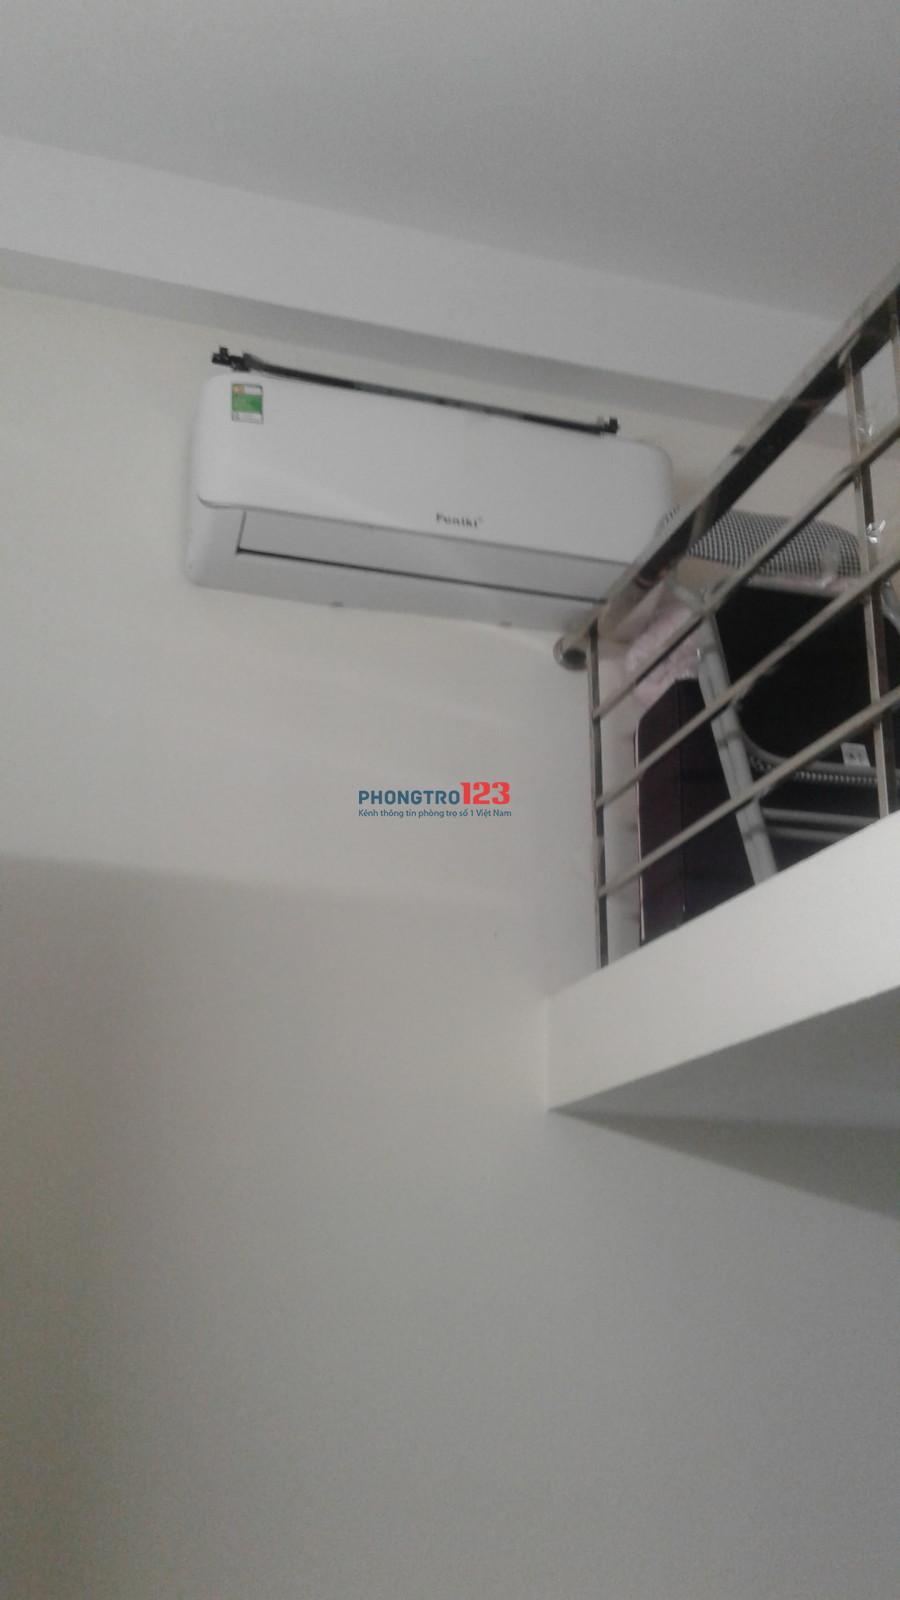 Phòng trọ nhà mới xây đầy đủ điều hoà bình nóng lạnh phòng khép kín